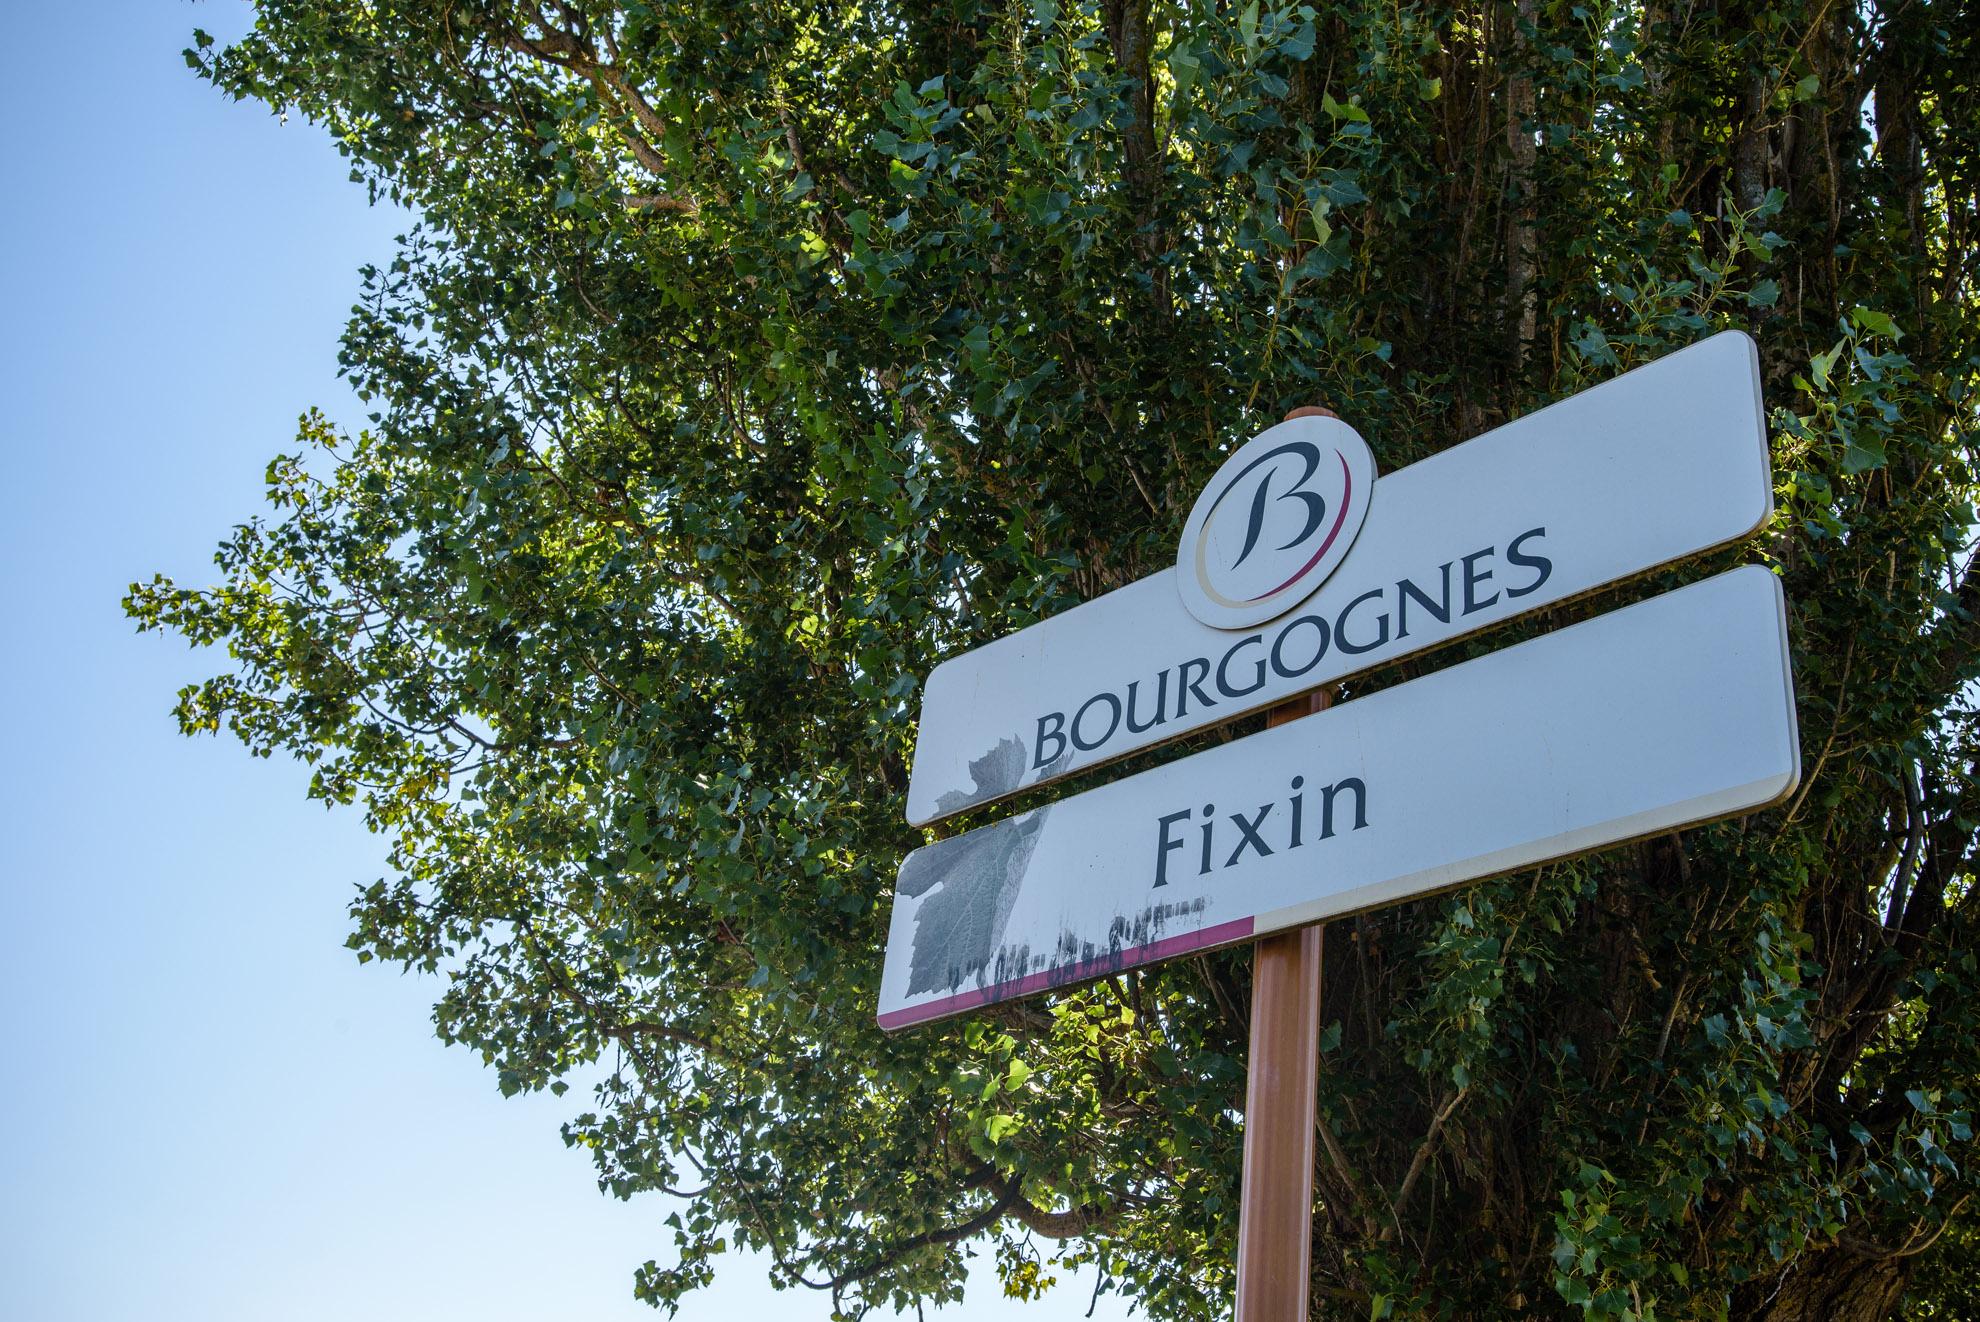 Fixin - apelacja w burgundzkim Côte-d'Or